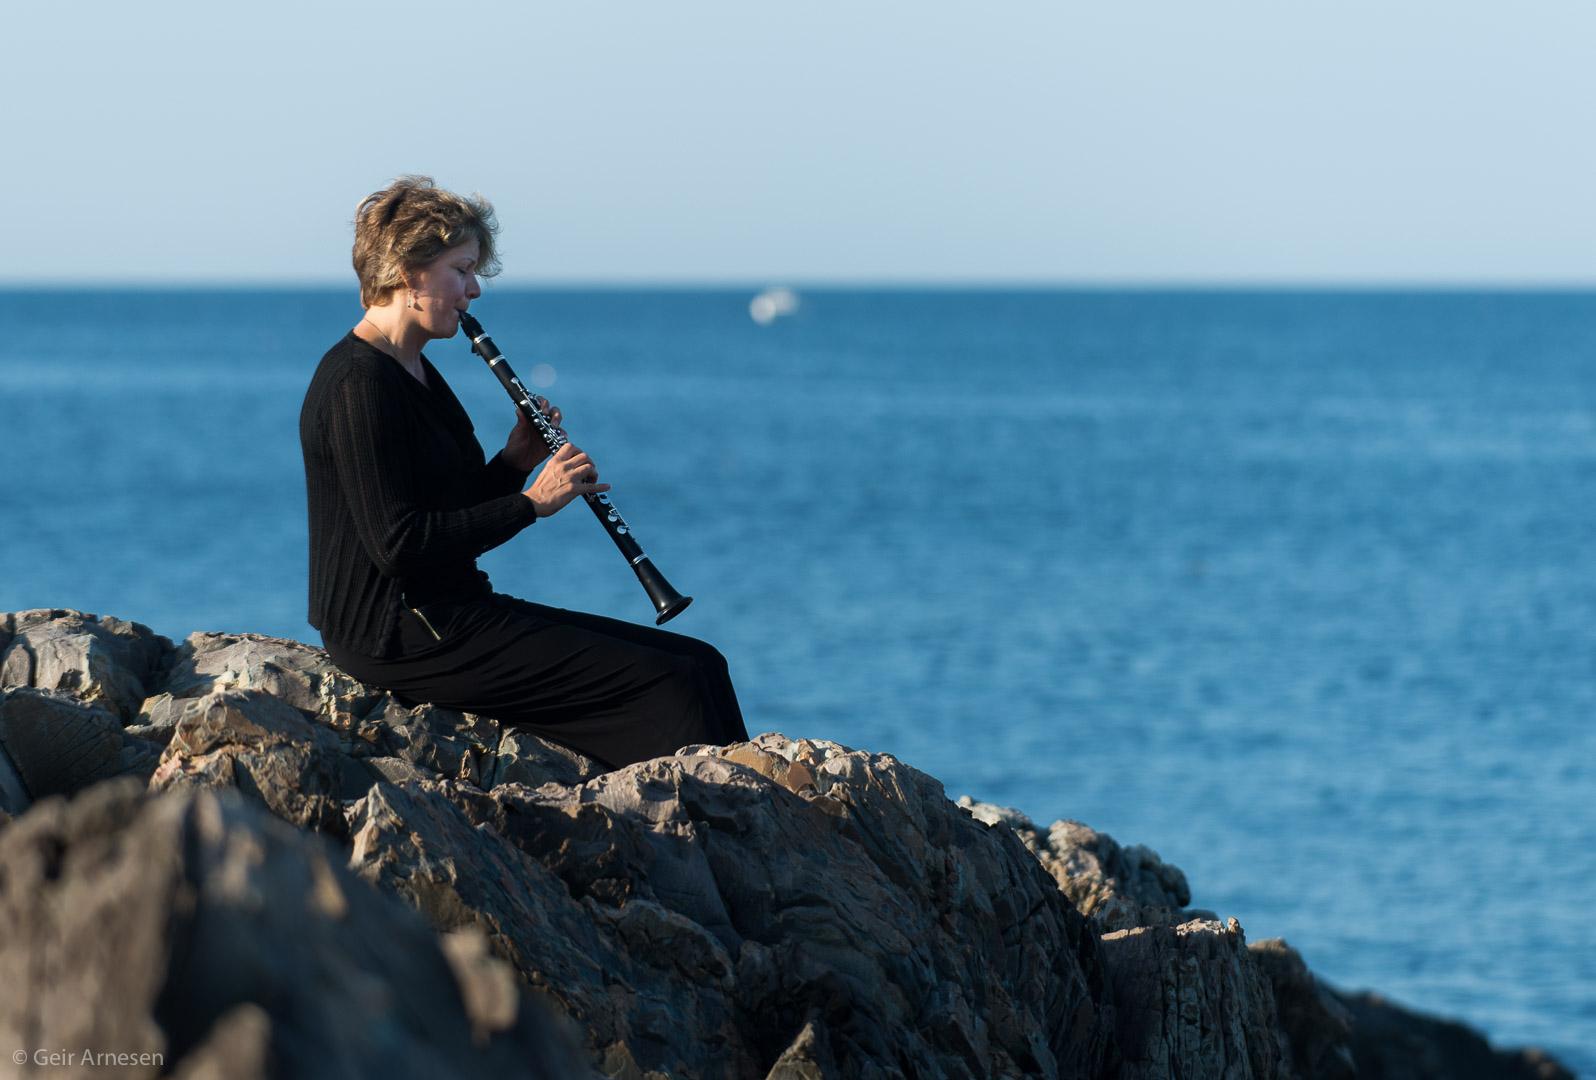 Clarinet On The Rocks - by Geir Arnesen